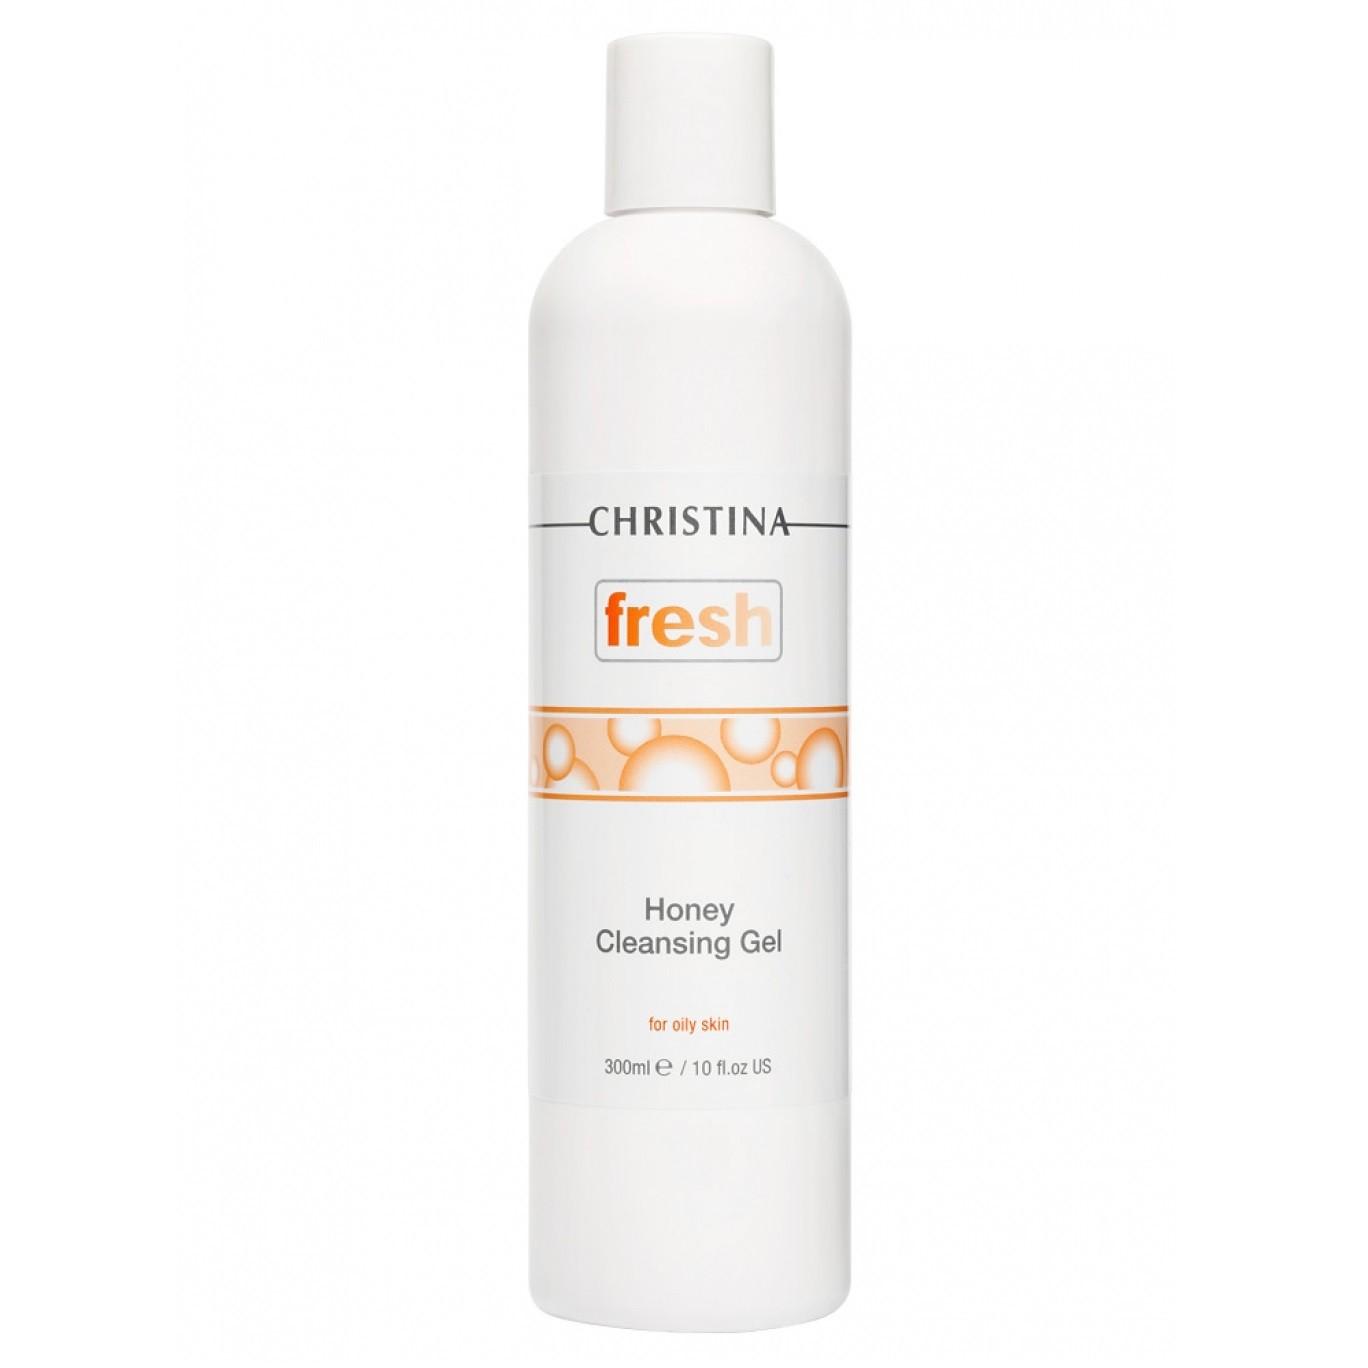 Гель-мыло Christina Fresh Honey Cleansing Gel для жирной кожи 300 мл